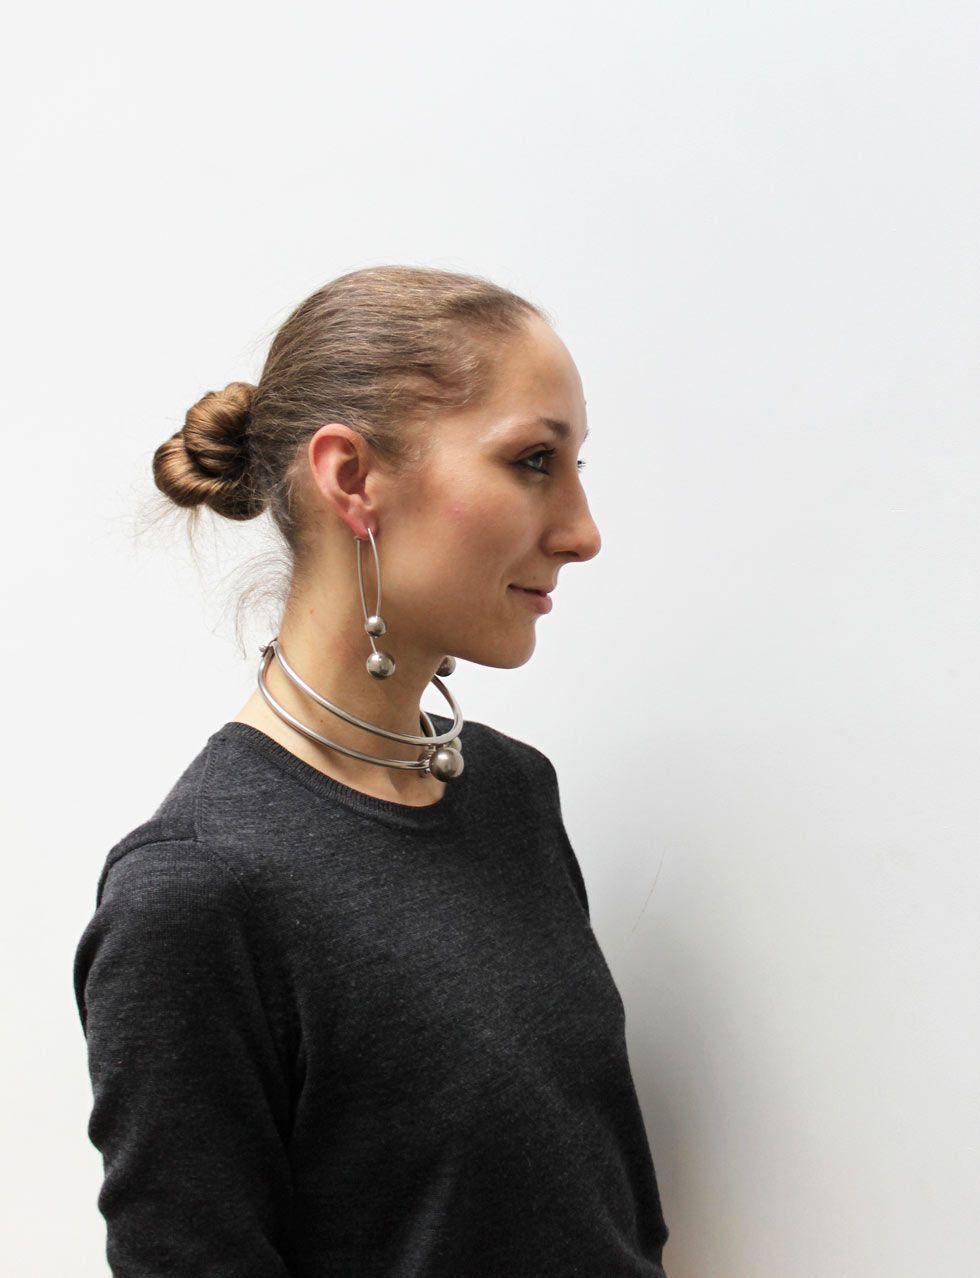 Marimekko FW 16 jewelry | Lily.fi